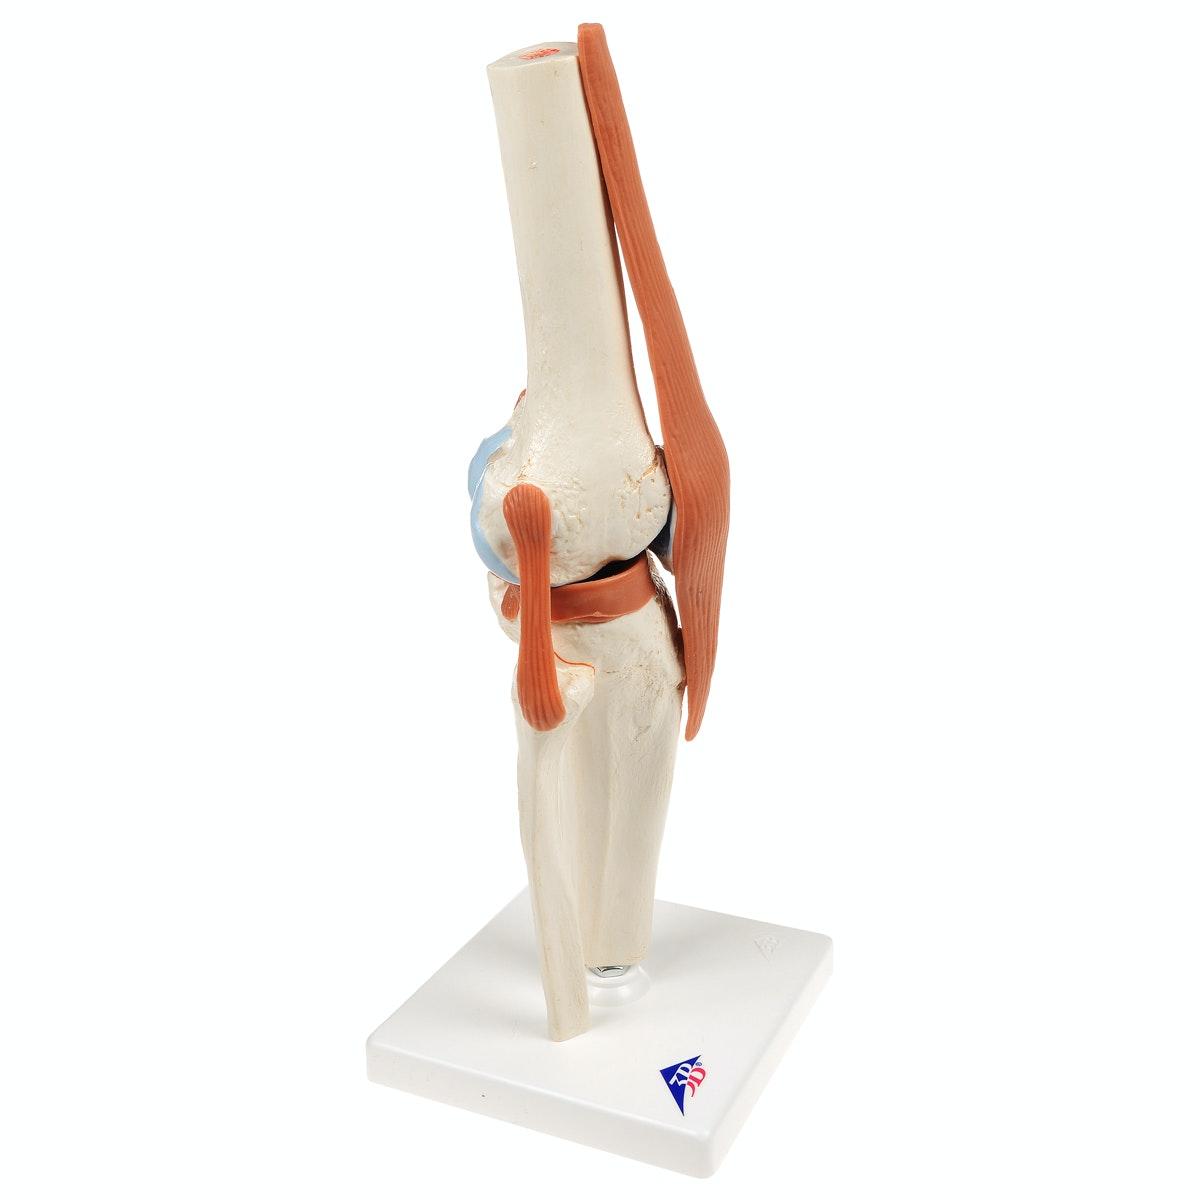 Fleksibel knæmodel med ledbånd og farvede ledflader